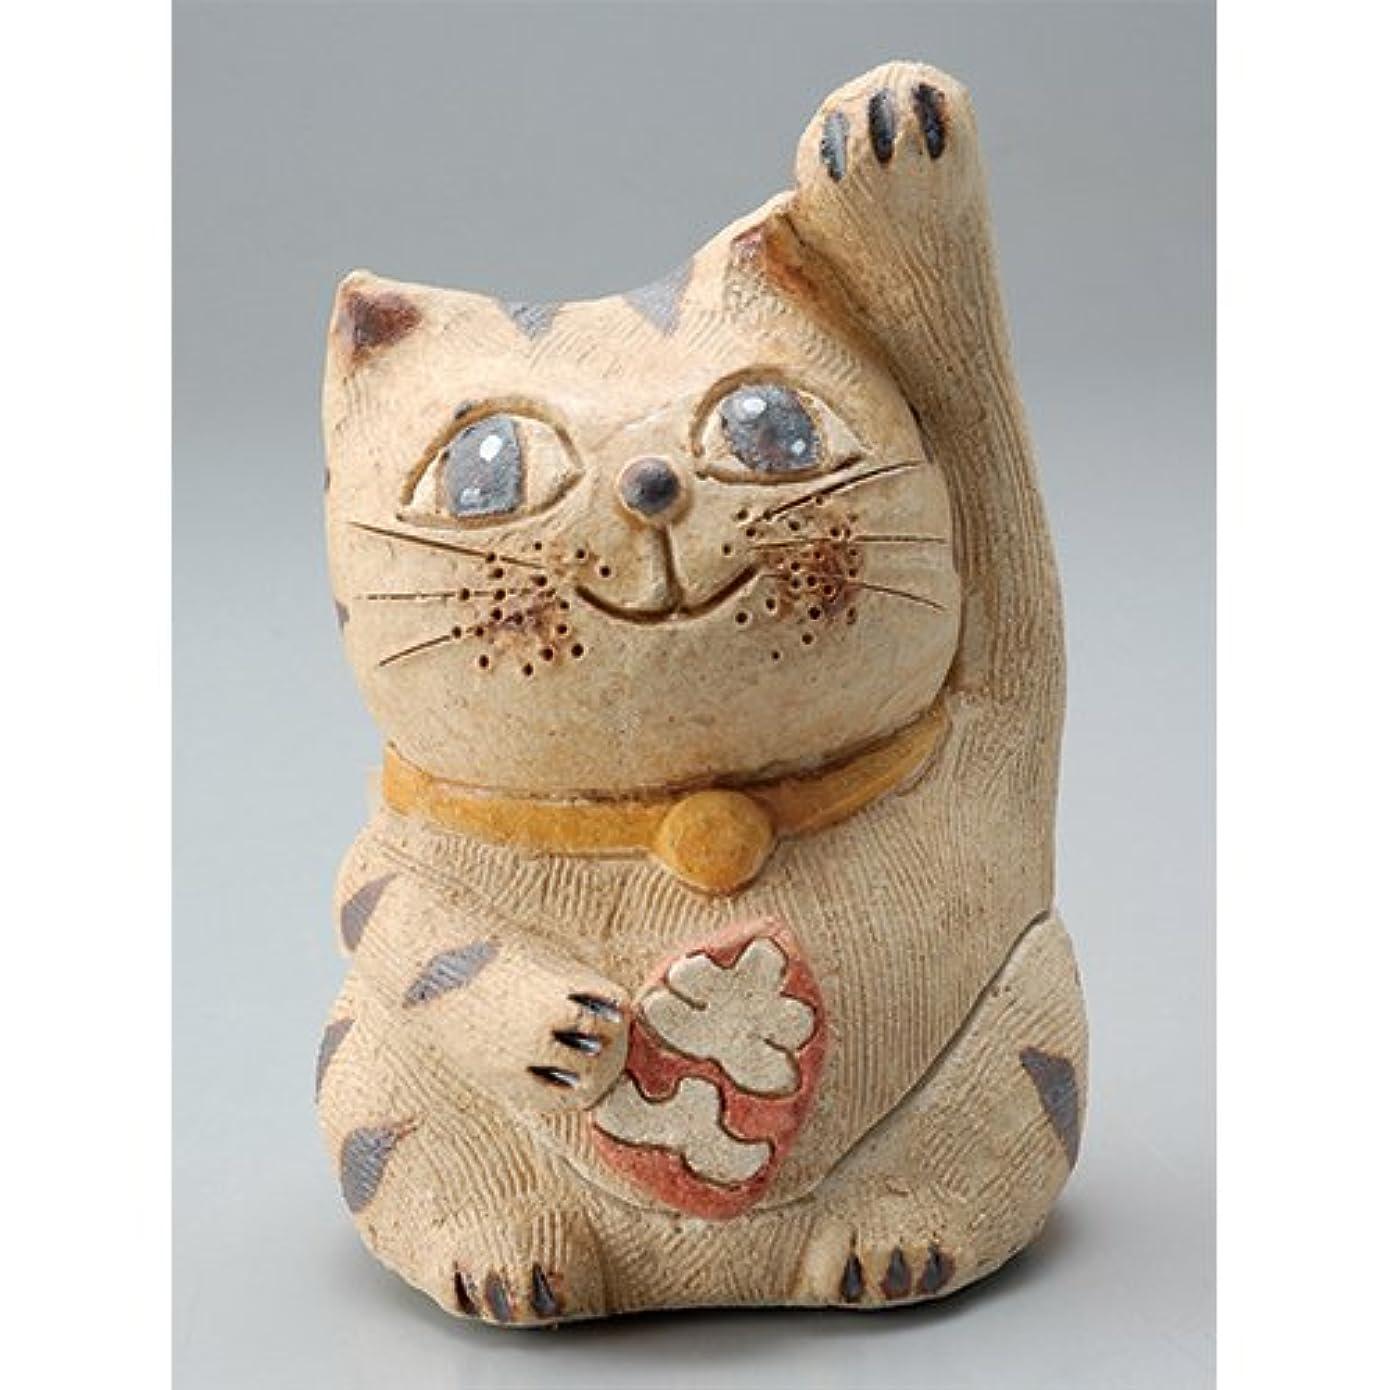 名誉信念独立した香炉 円な瞳招き猫(人招き)香炉(小) [H8.5cm] HANDMADE プレゼント ギフト 和食器 かわいい インテリア